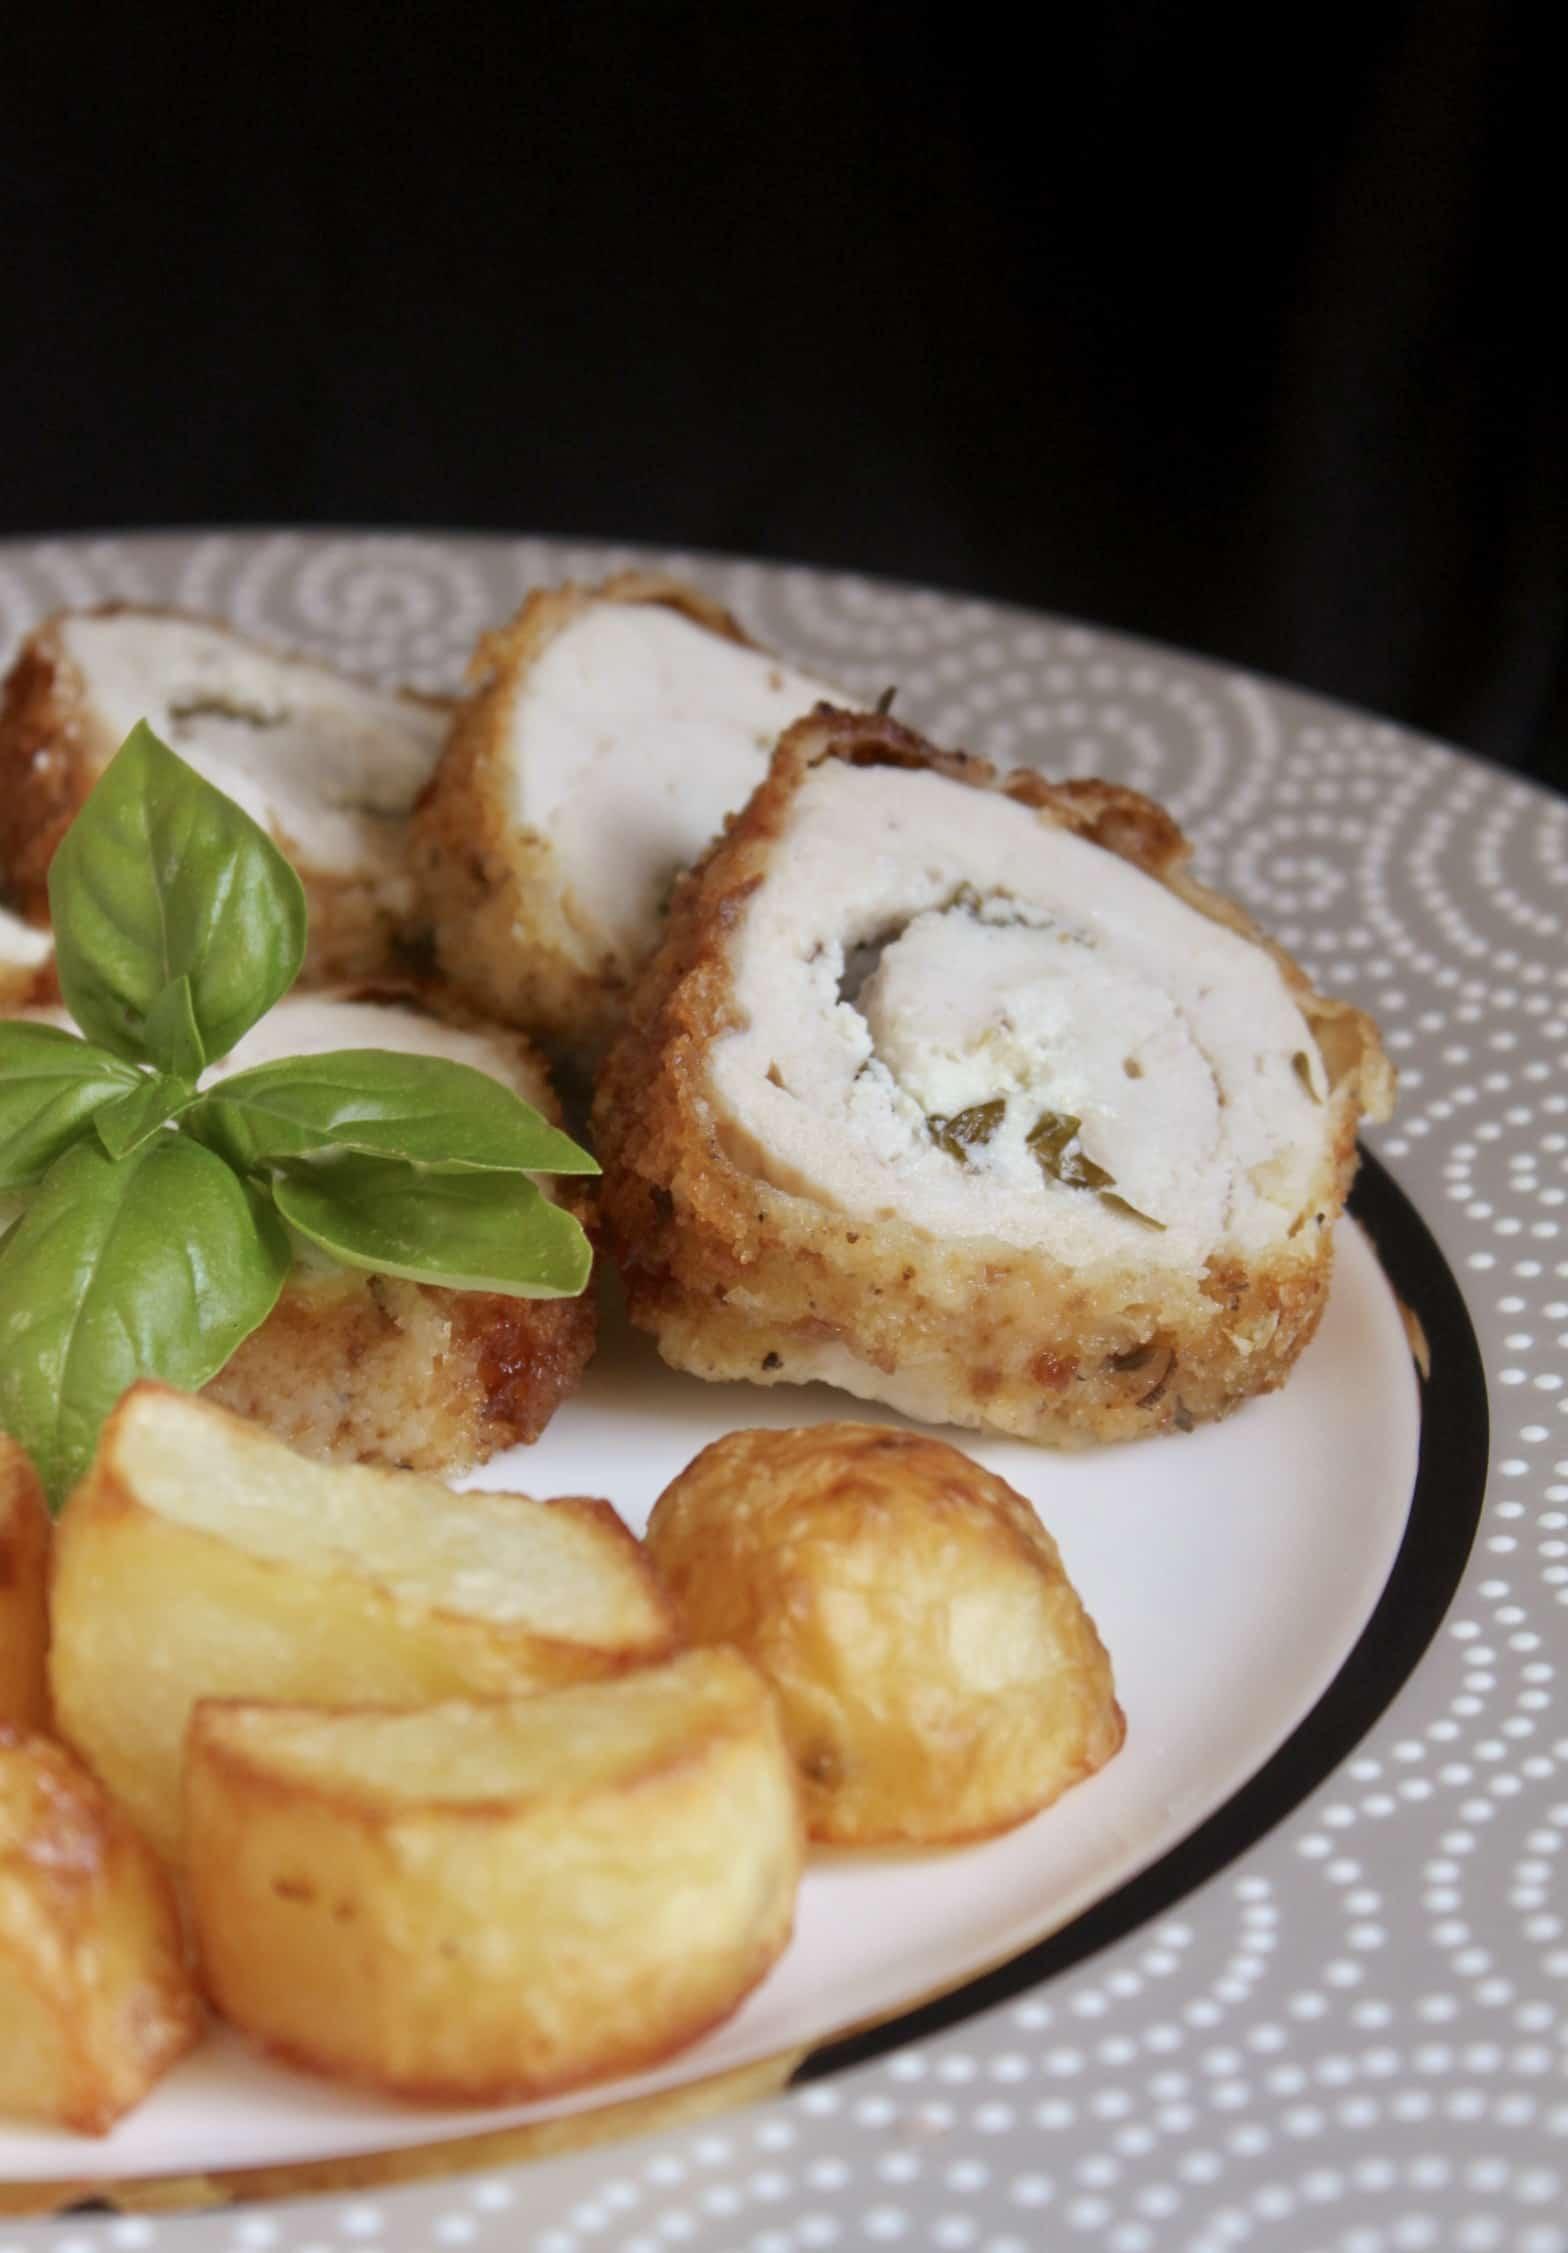 stuffed chicken breast fanned on a plate